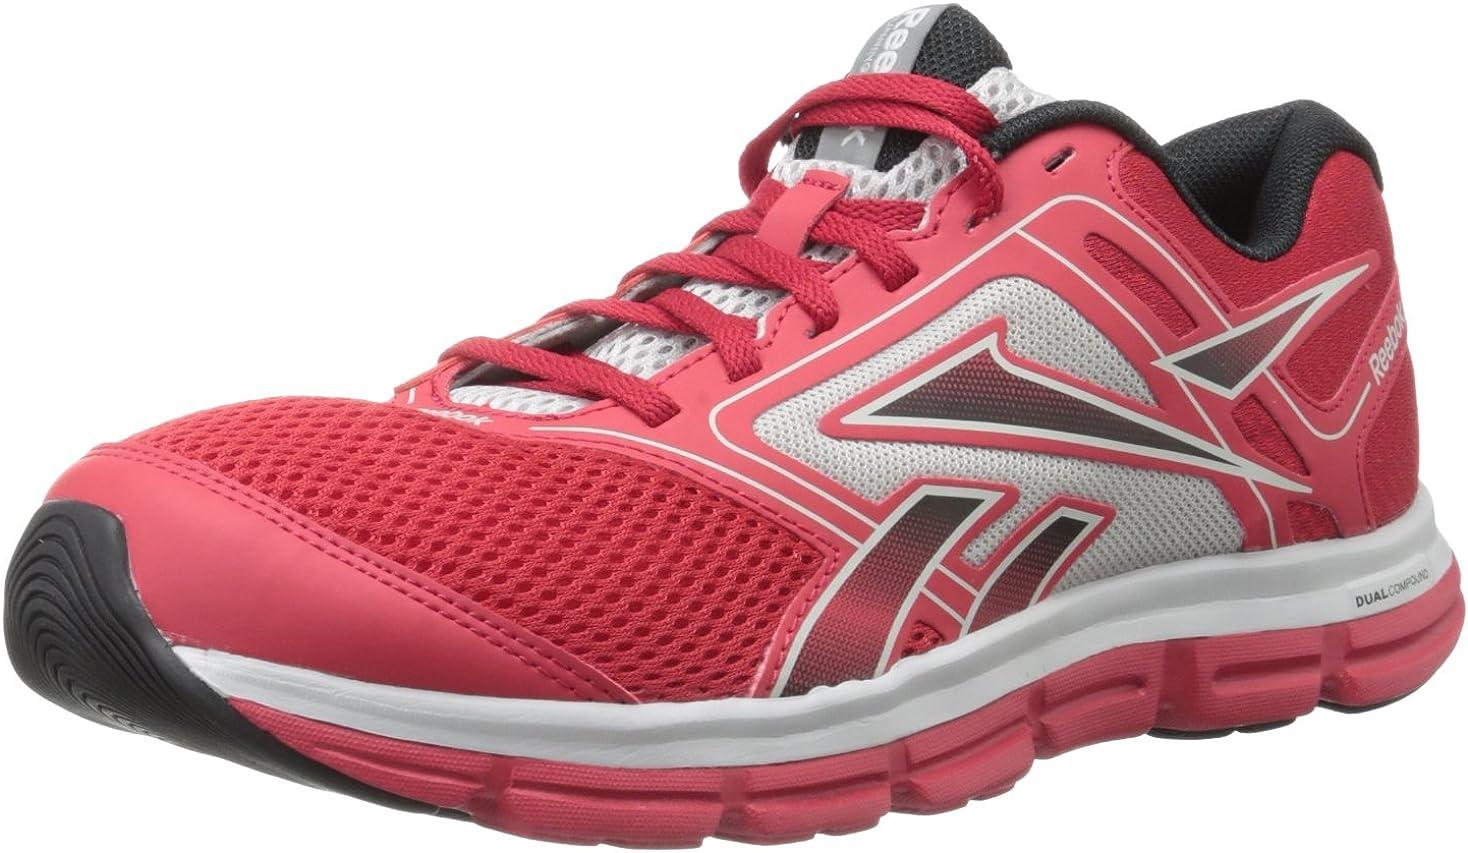 Reebok Footwear Men s Dual Turbo Fire Running Shoe